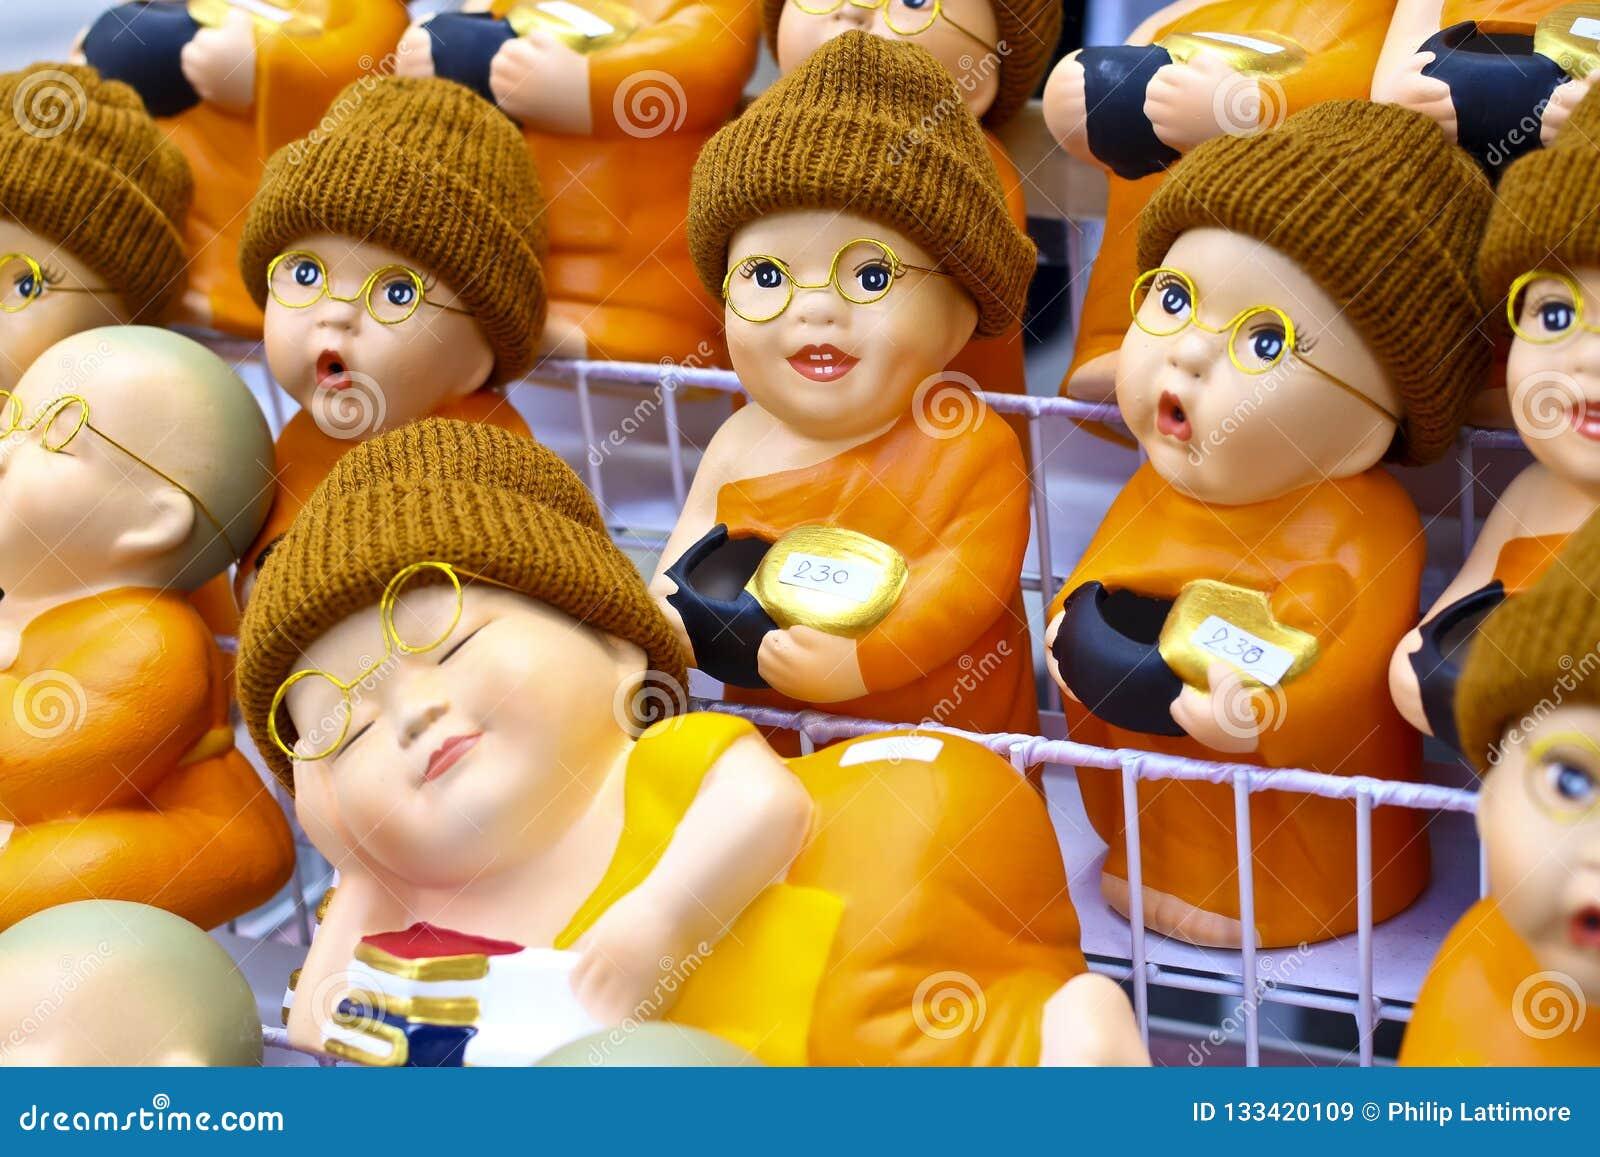 有眼镜和羊毛制帽子的逗人喜爱的和尚小雕象